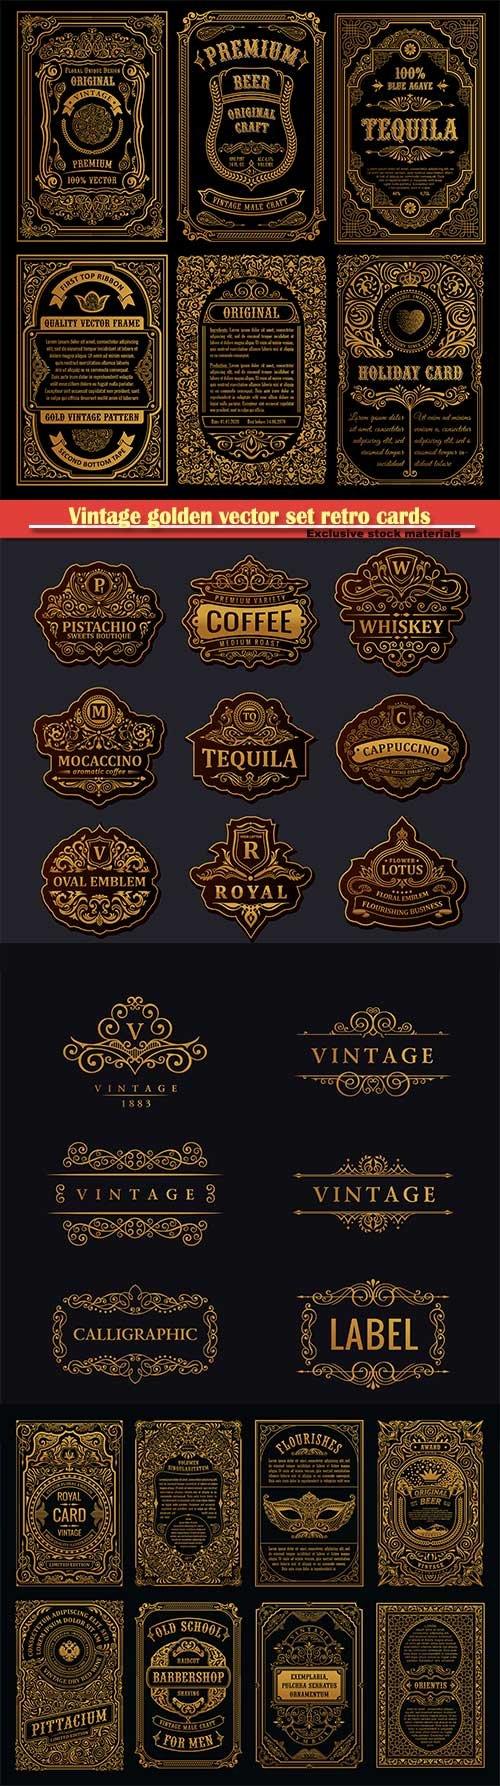 Vintage golden vector set retro cards, calligraphic frames, design label